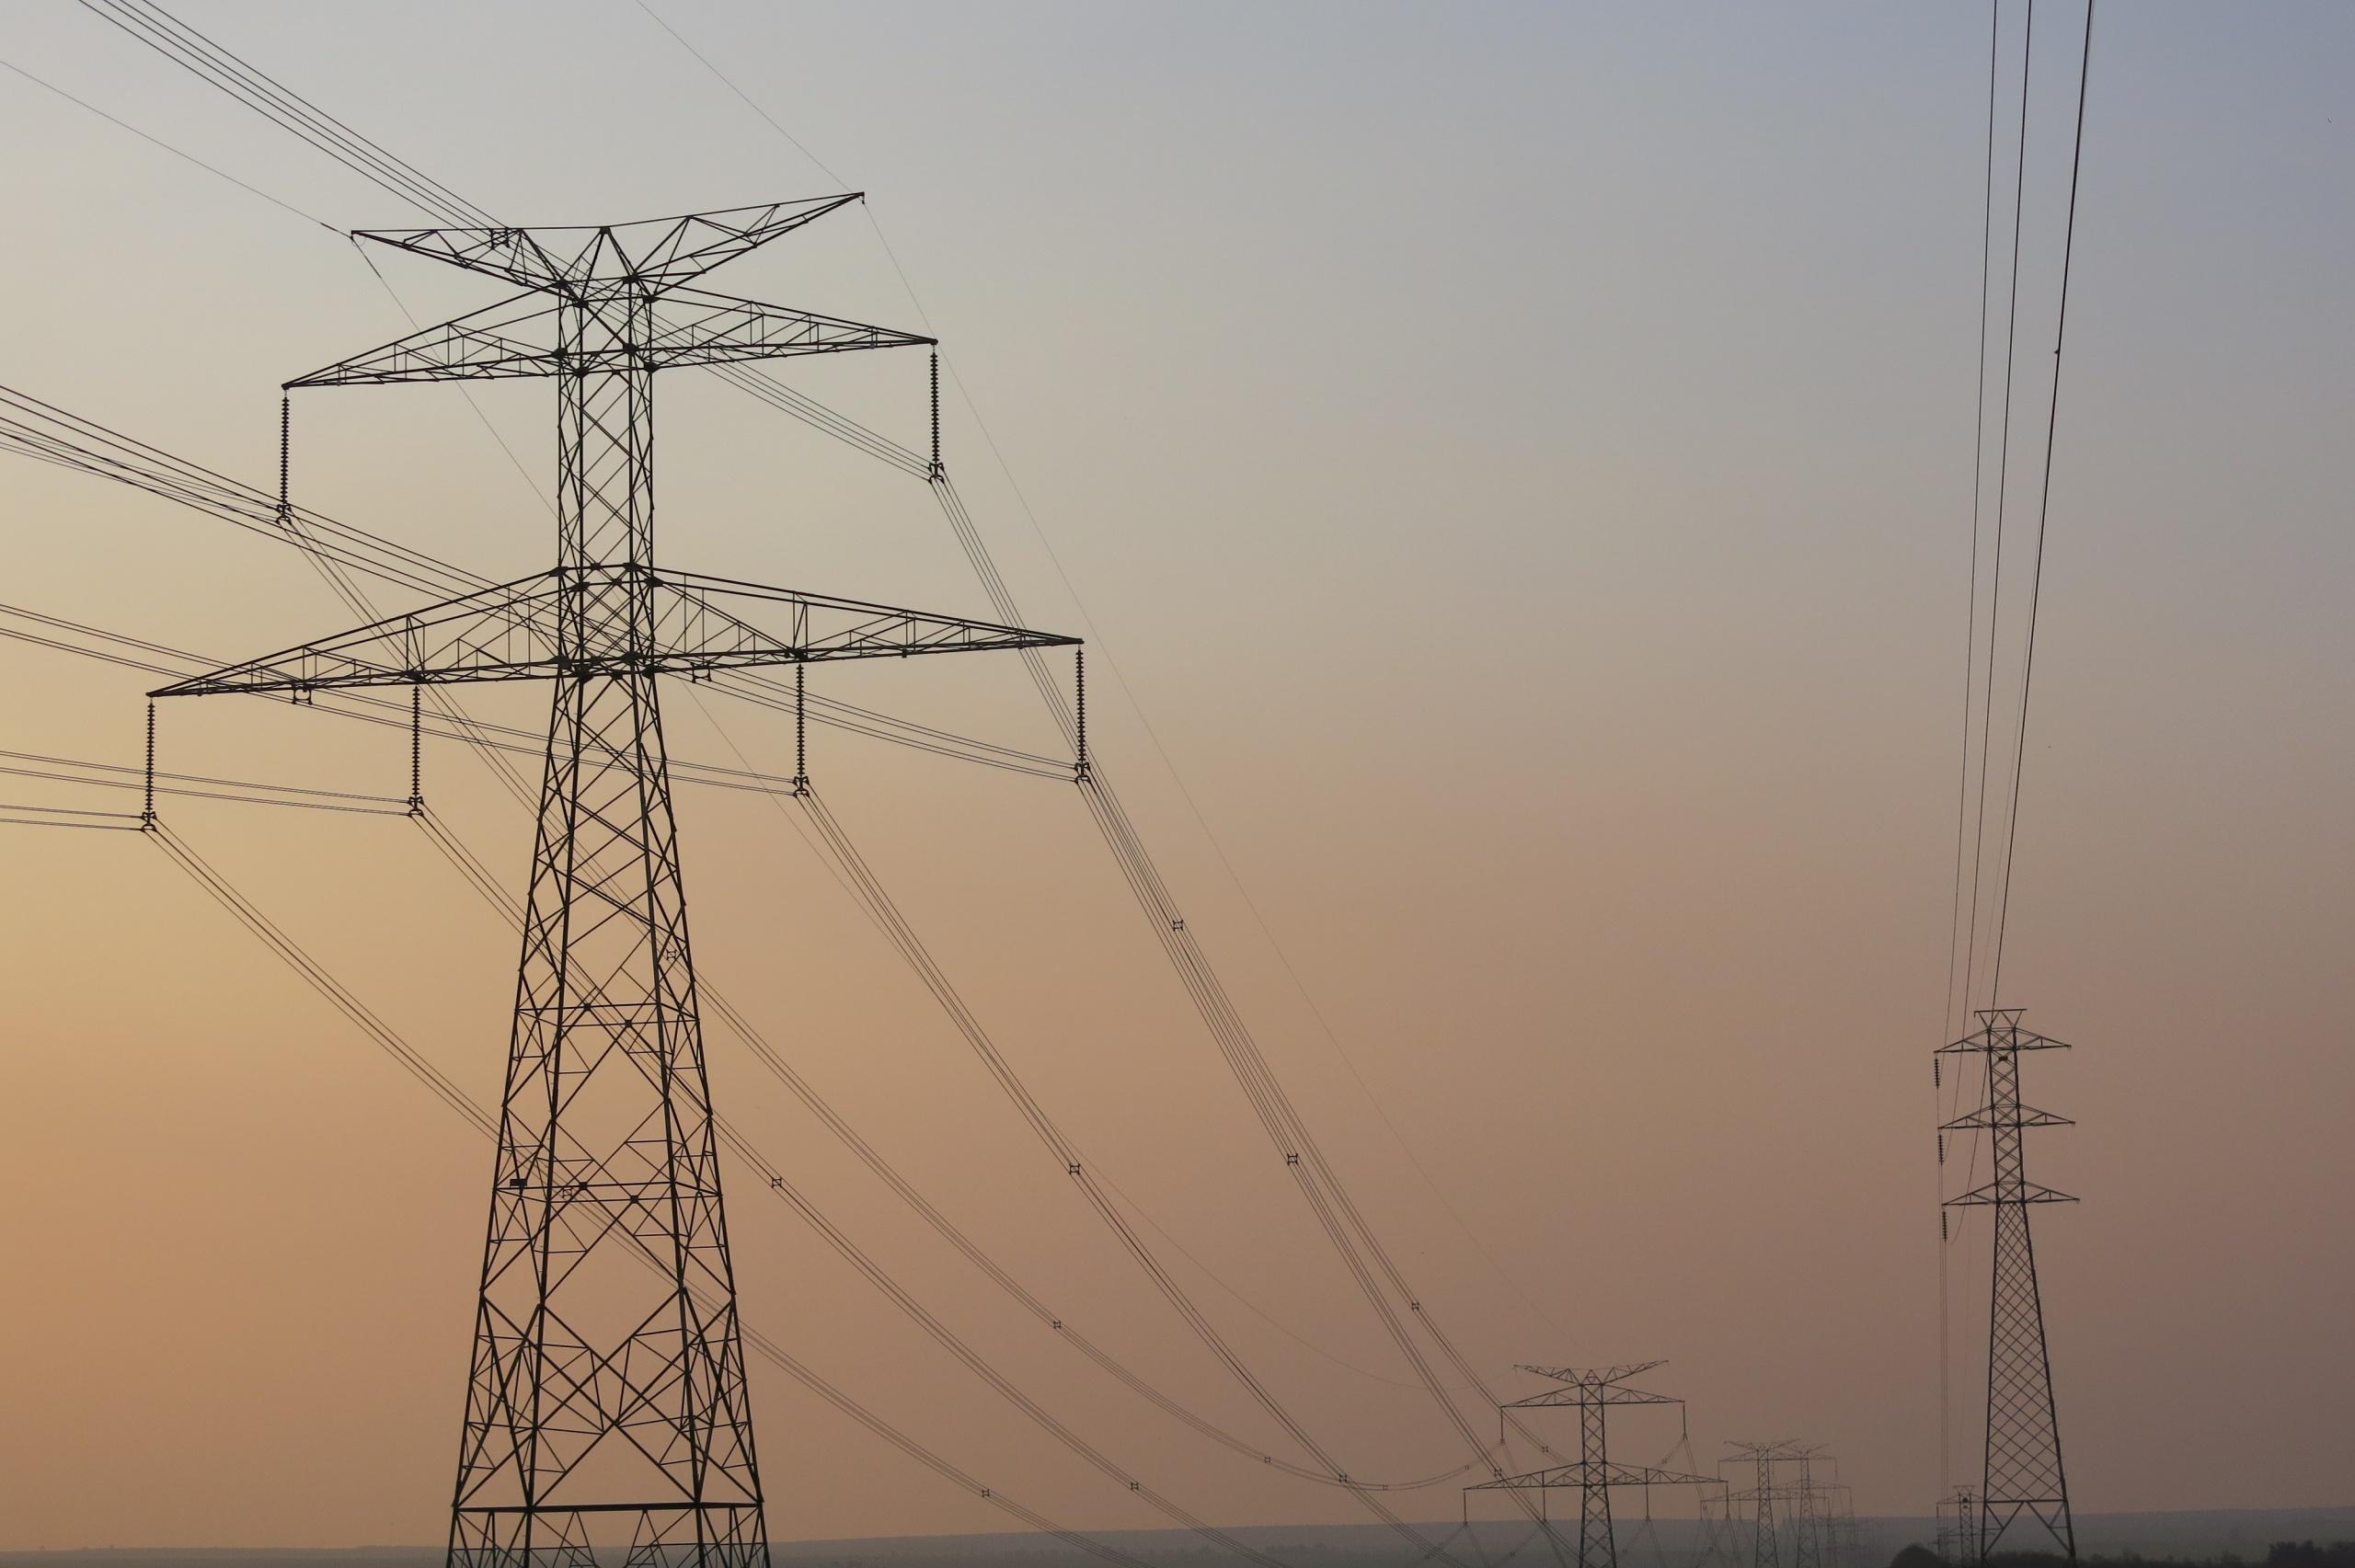 Bioeletricidade pode ajudar a salvar o Brasil da falta de energia